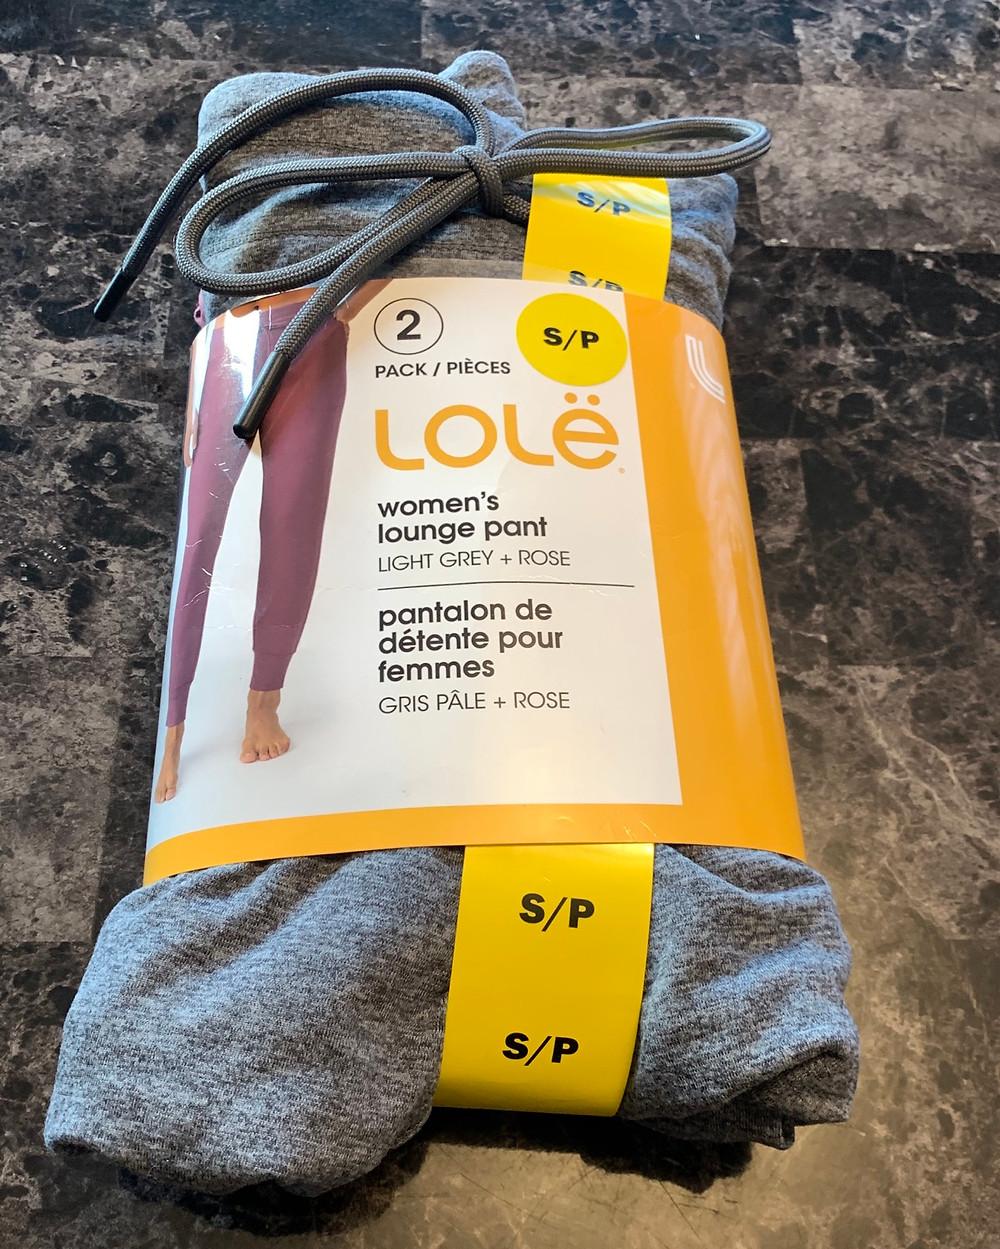 Costco Women's Lole Lounge Pants